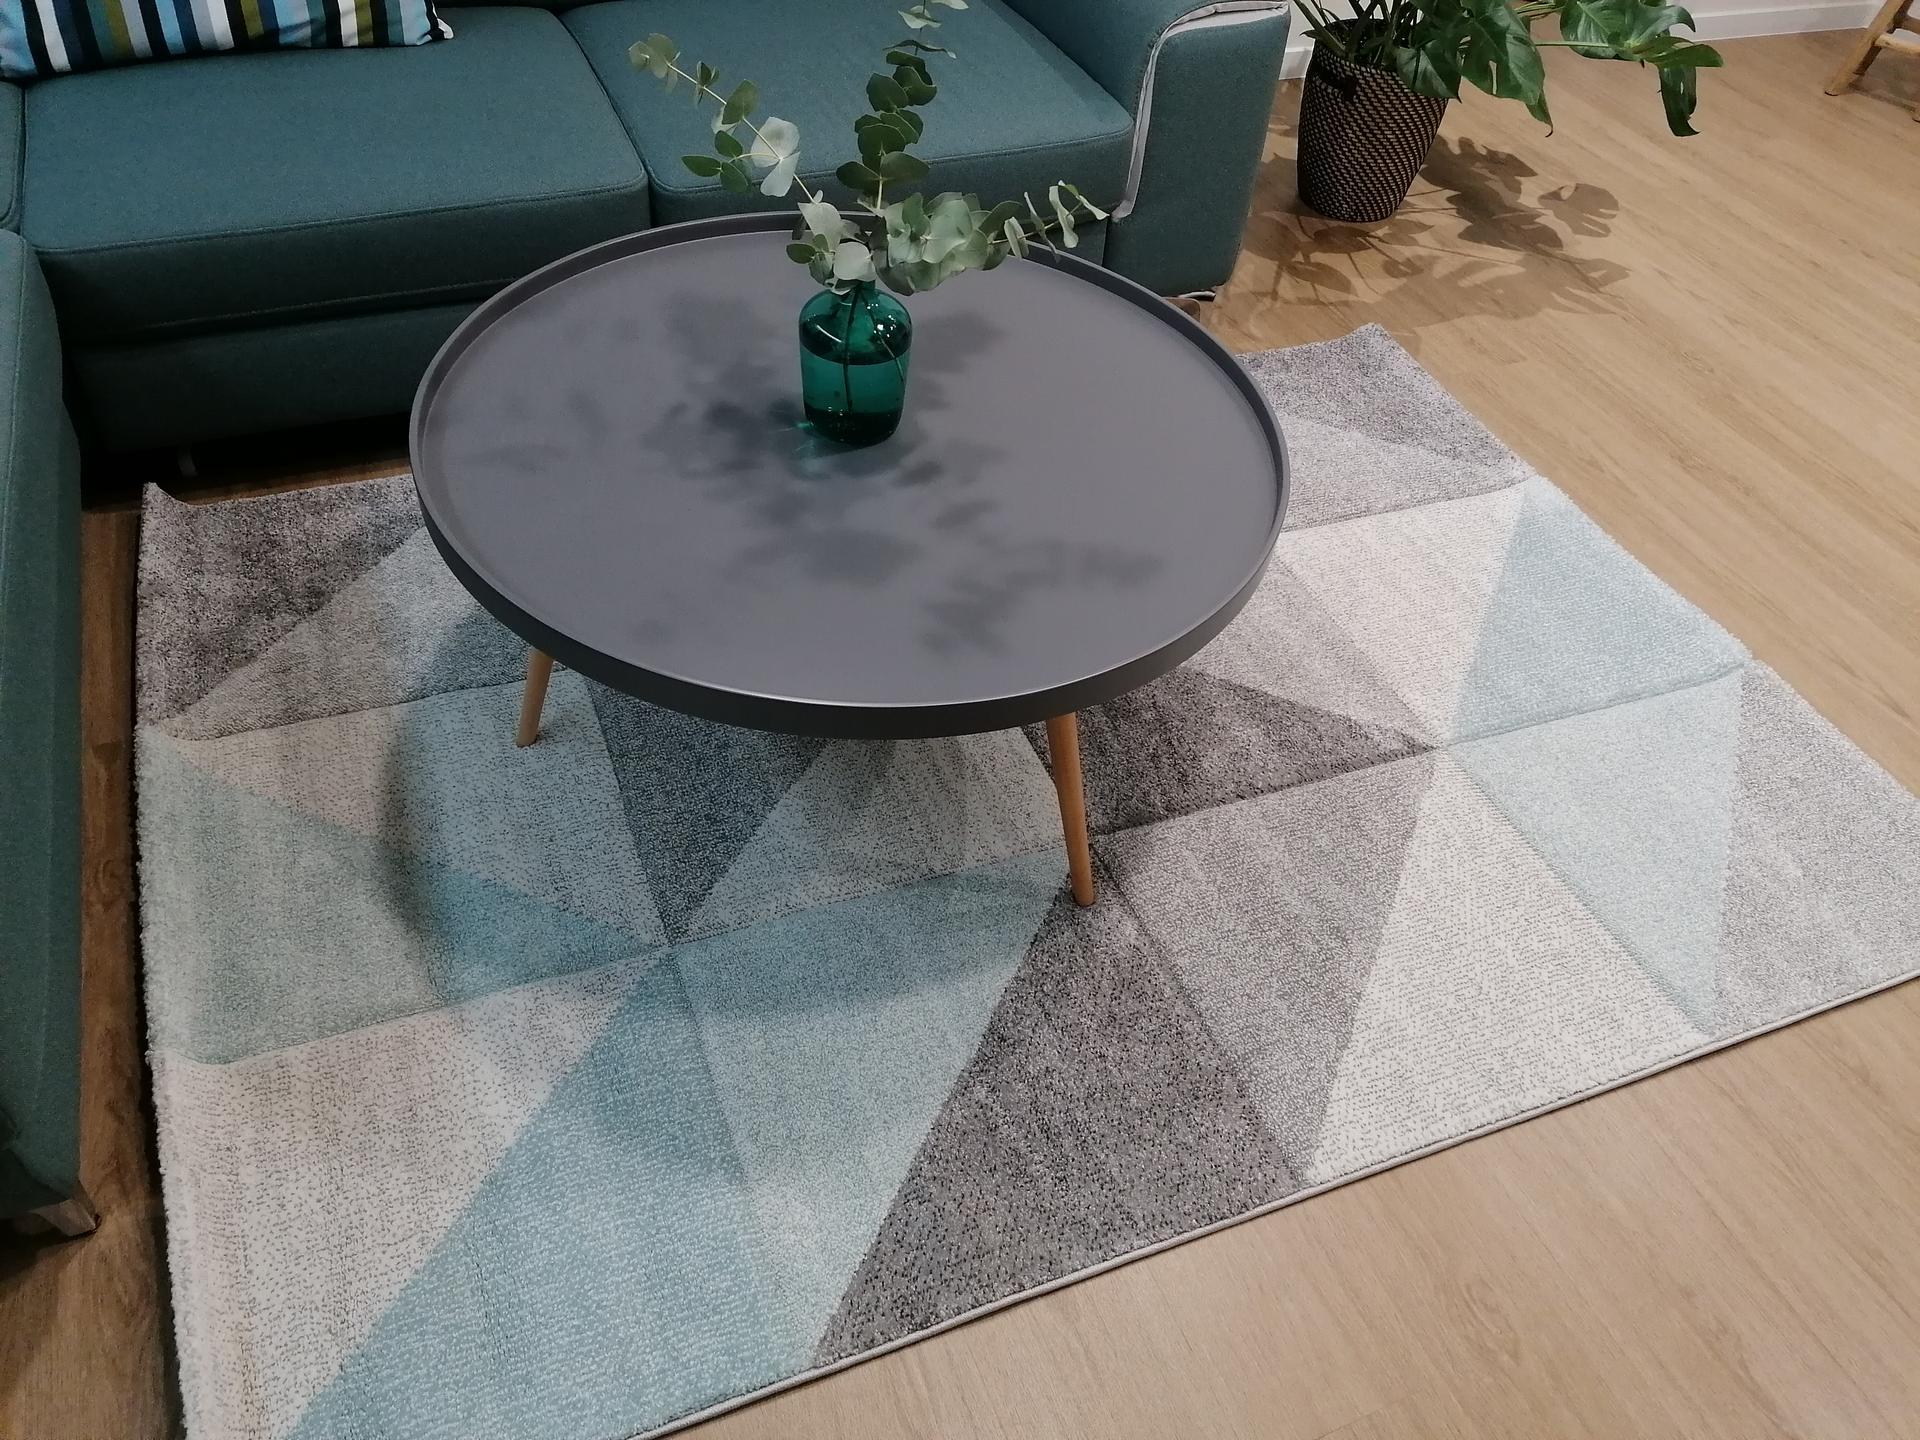 Co myslíte, hodí se nový koberec, nebo mám nechat původní?(šedý) - Obrázek č. 1